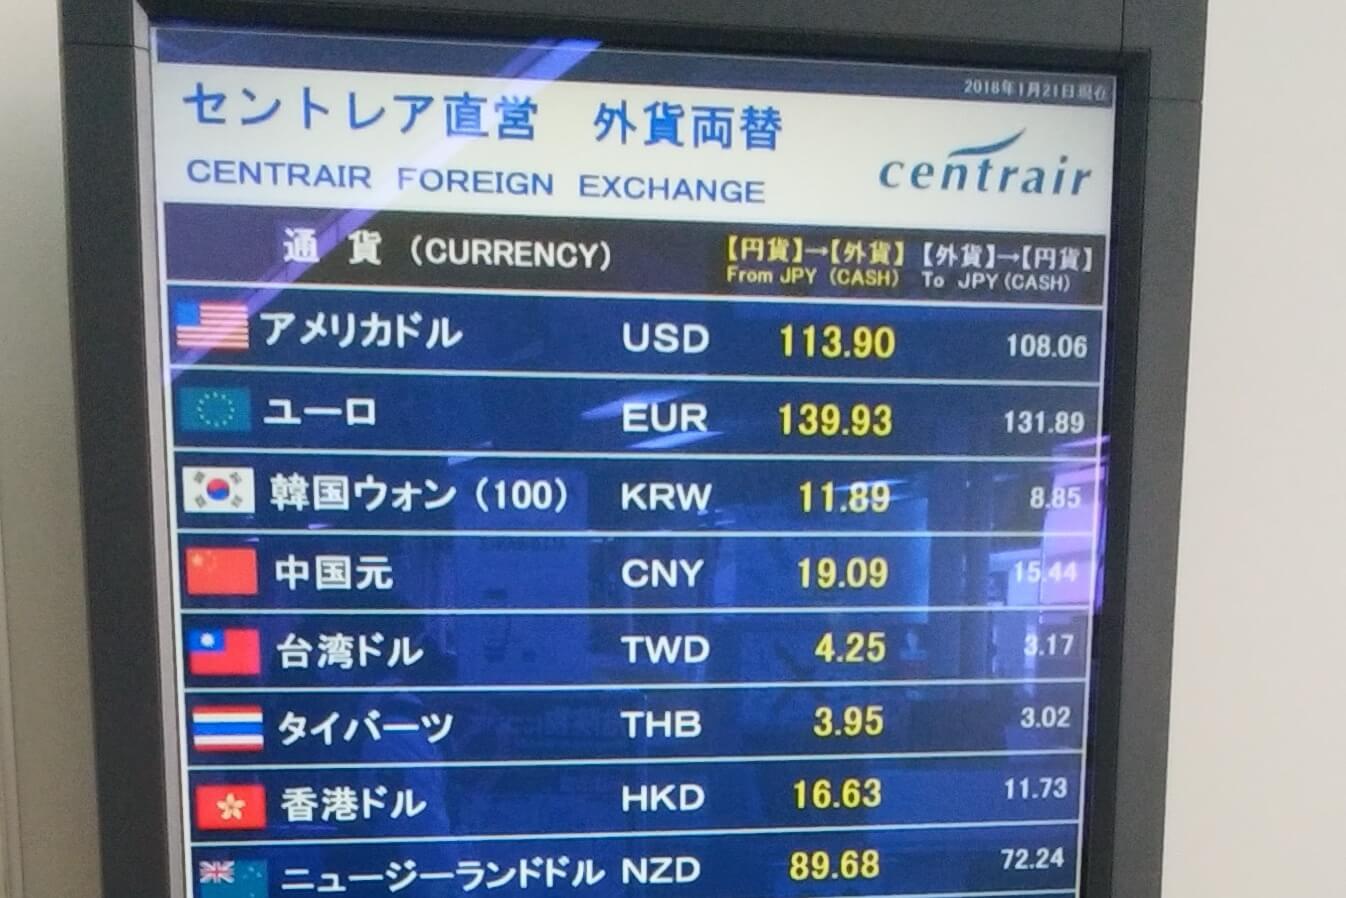 セントレアでの両替店にて。円は約140円で買い、132円で売れた(2018年1月21日、135円のレートにて)